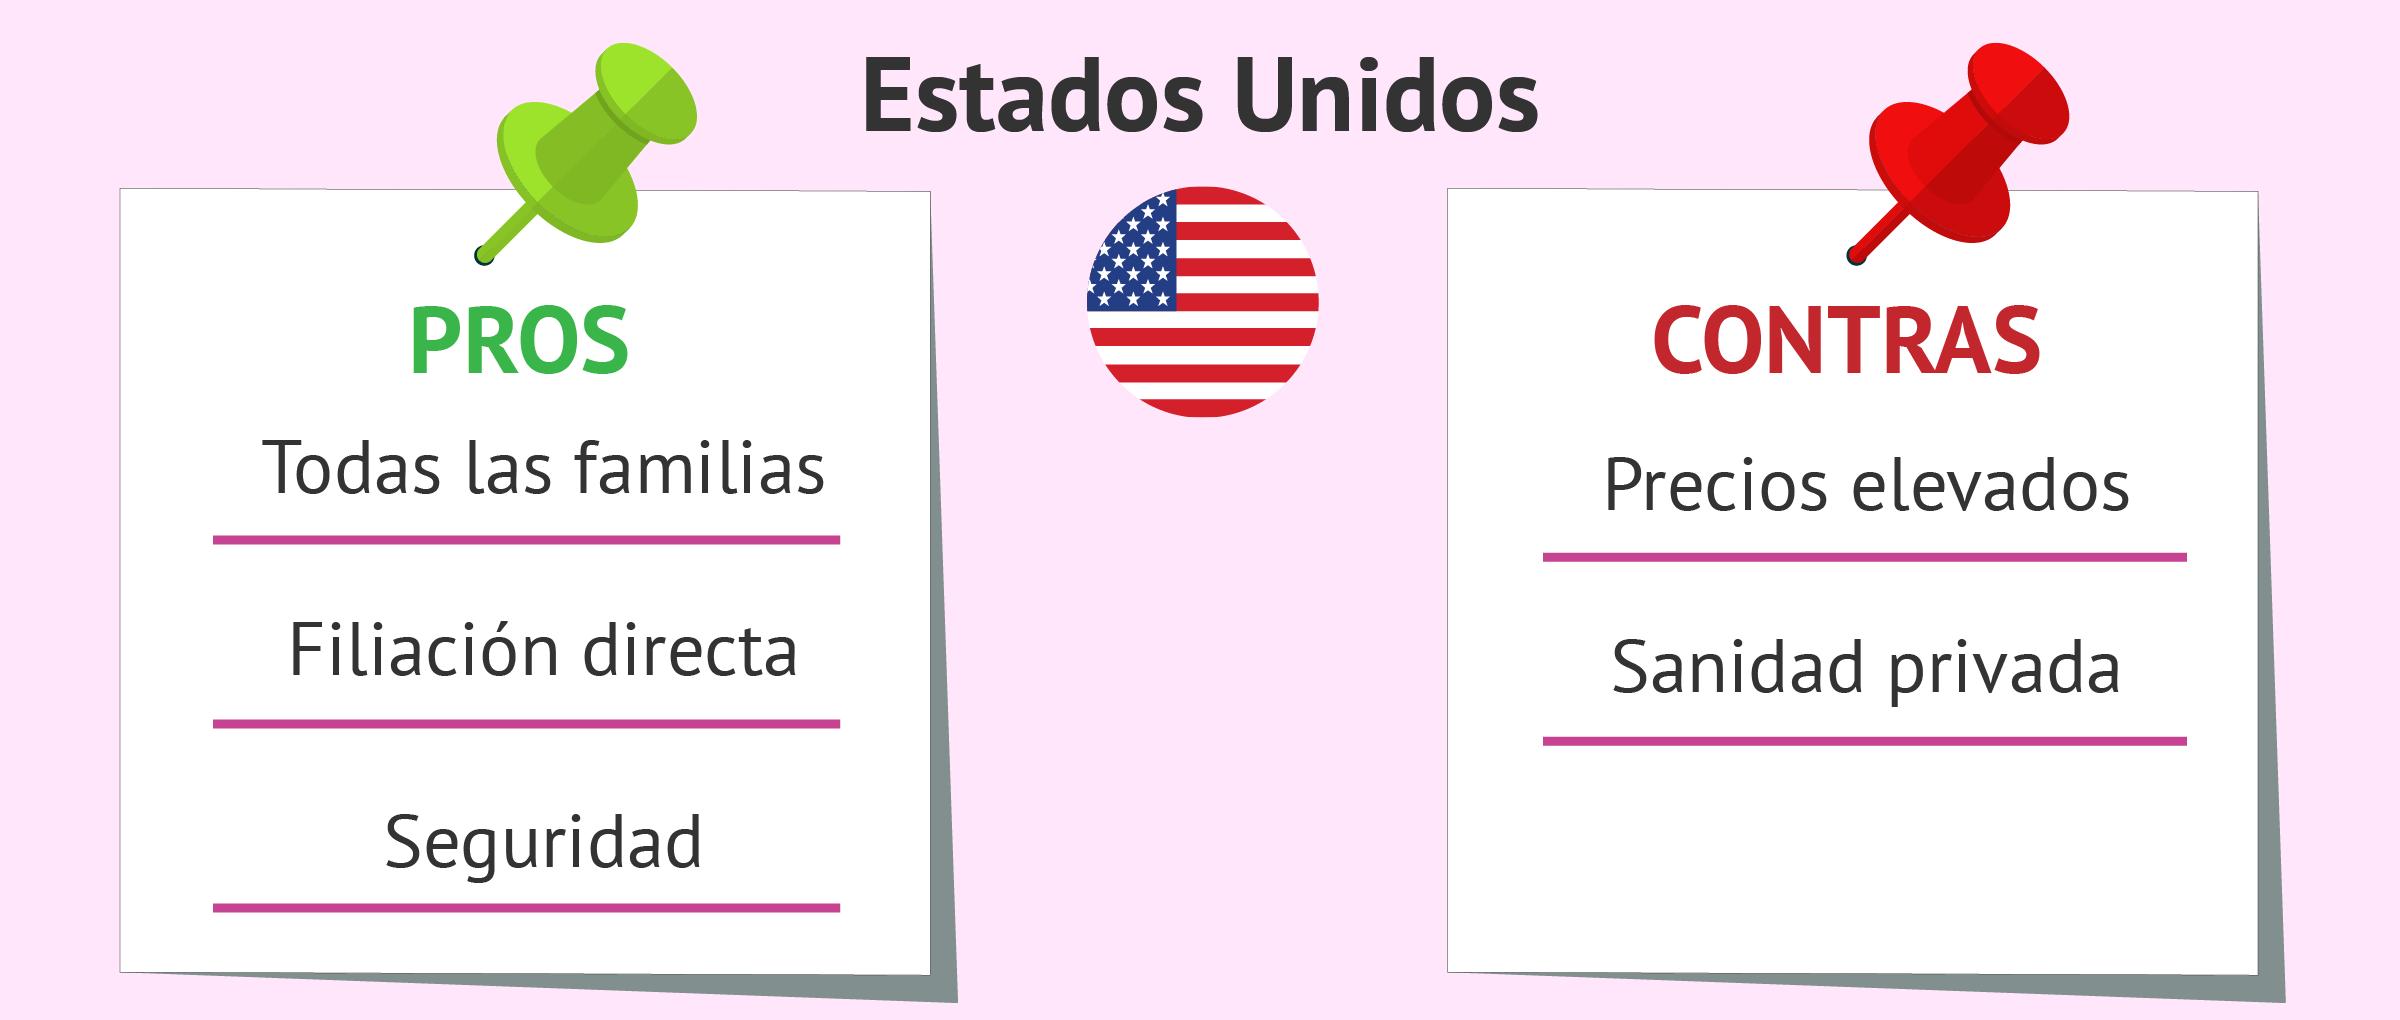 Gestación subrogada en USA: pros y contras